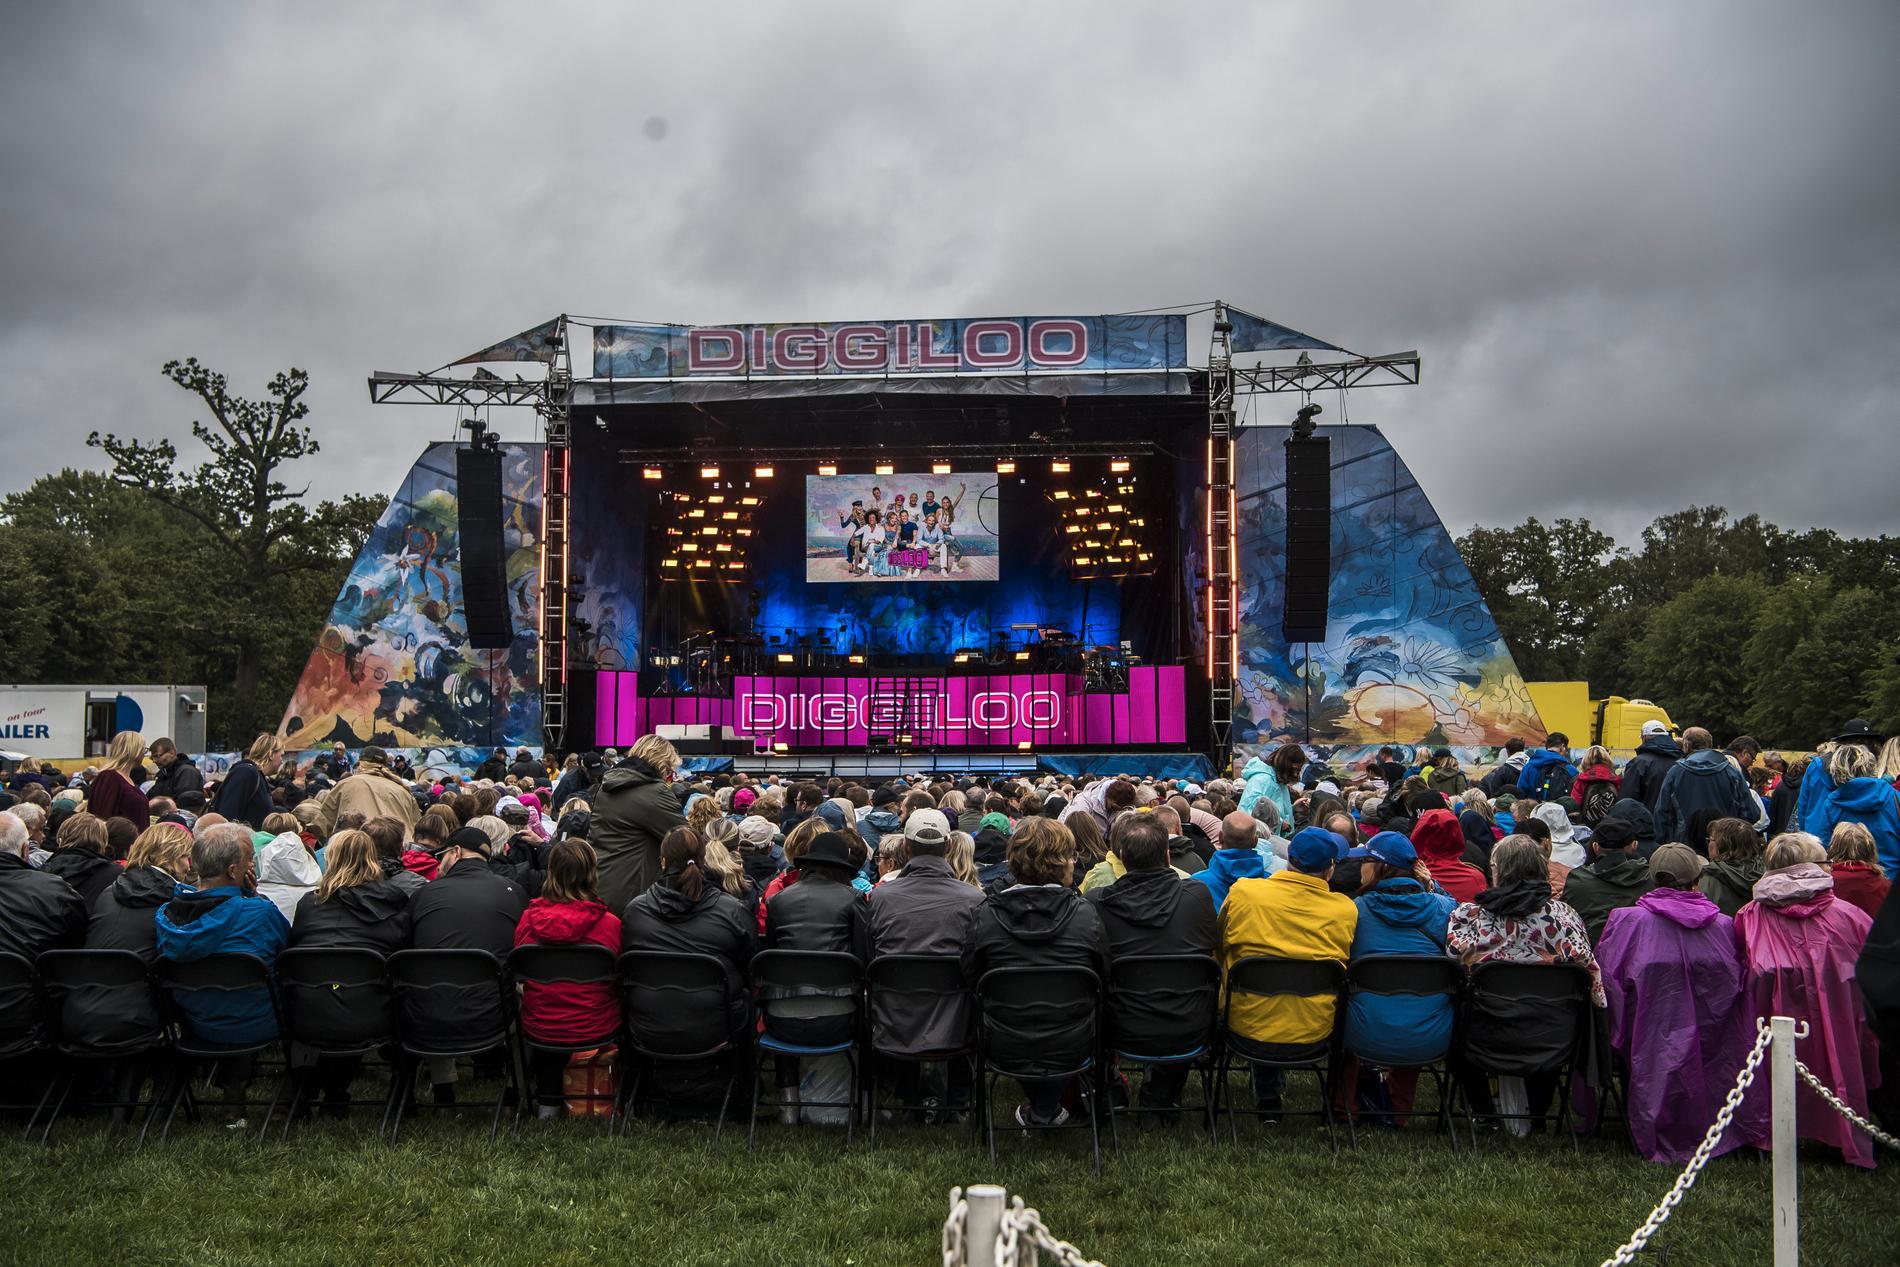 Diggiloo kommer till Västervik i sommar, och med enkla knep kan man få rabatt på biljetten.